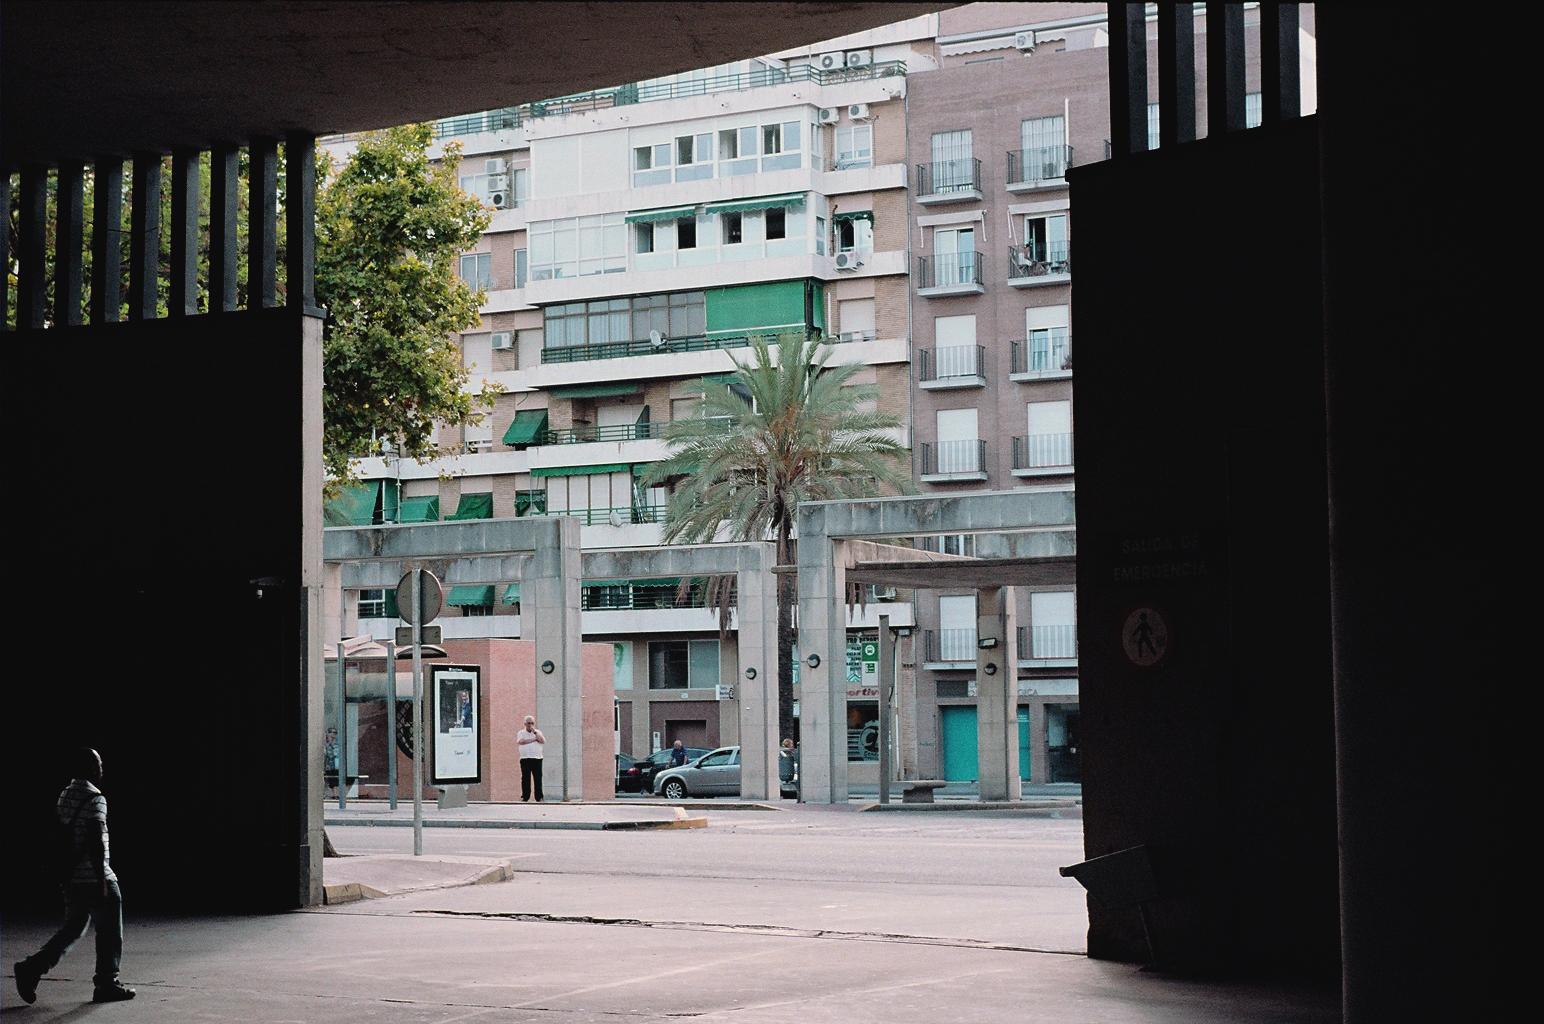 seville5.jpg